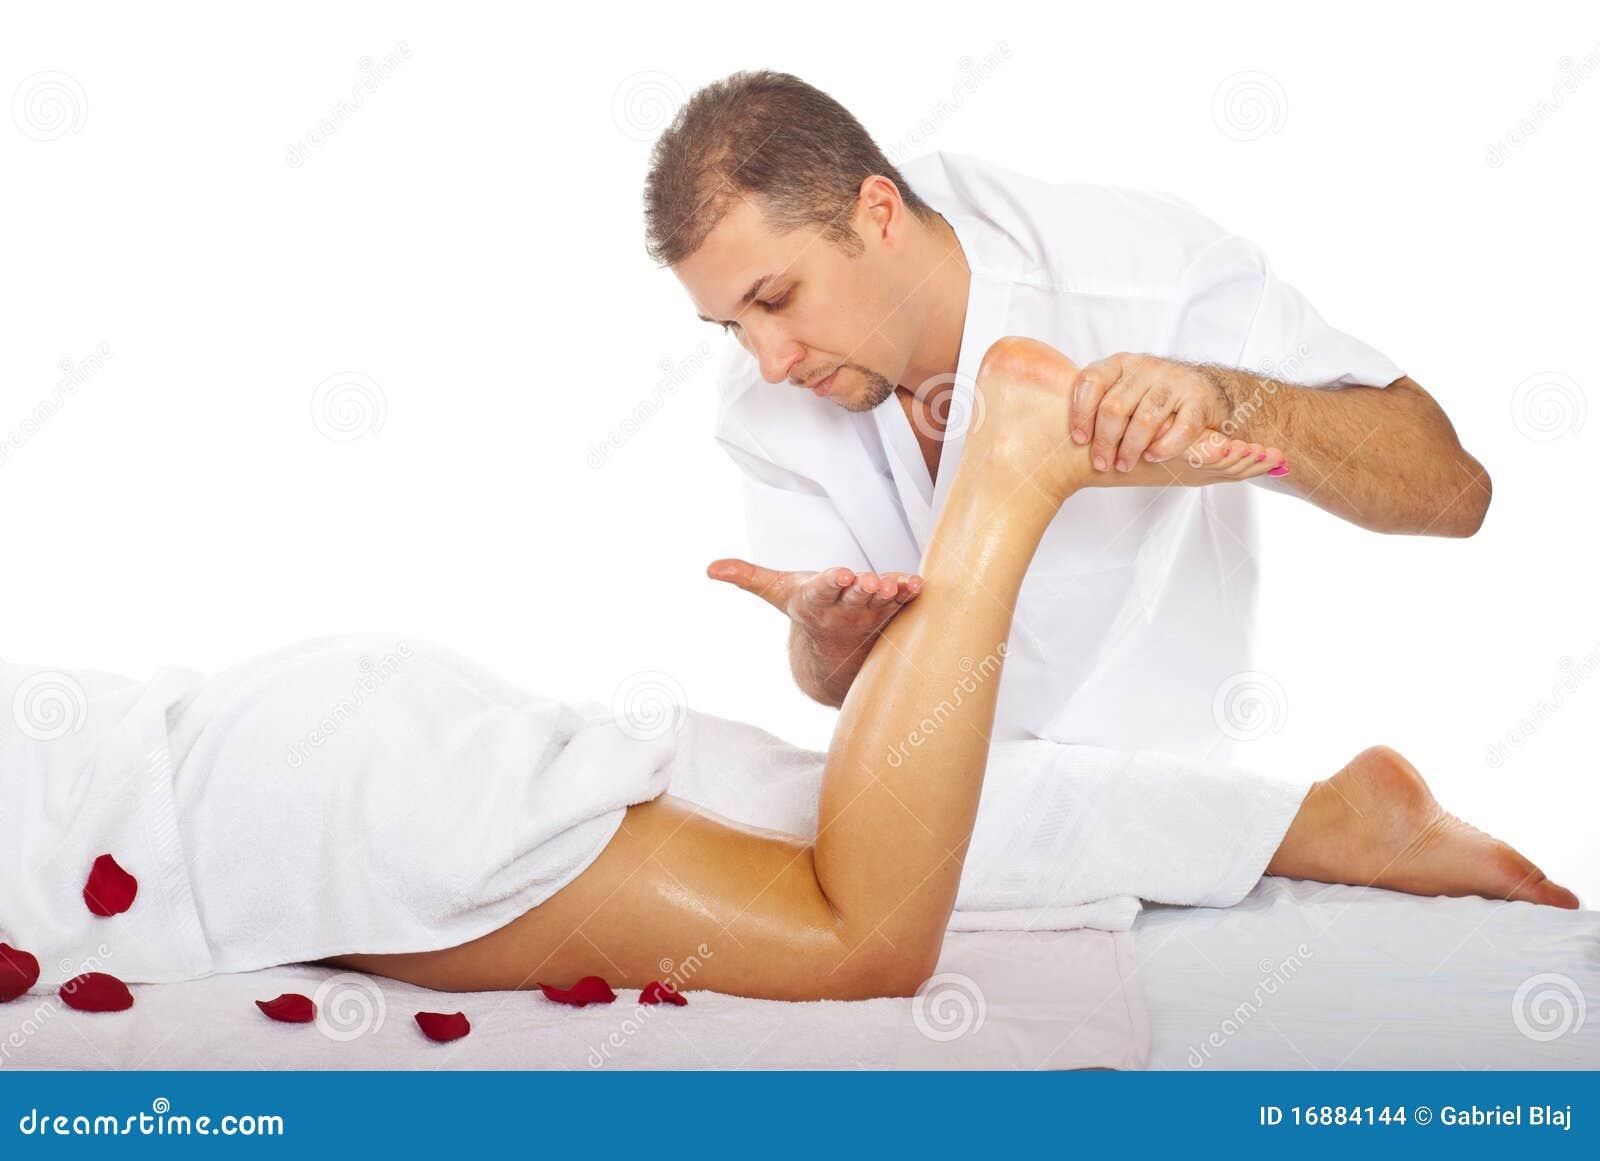 Mulher fazendo massagem em homem